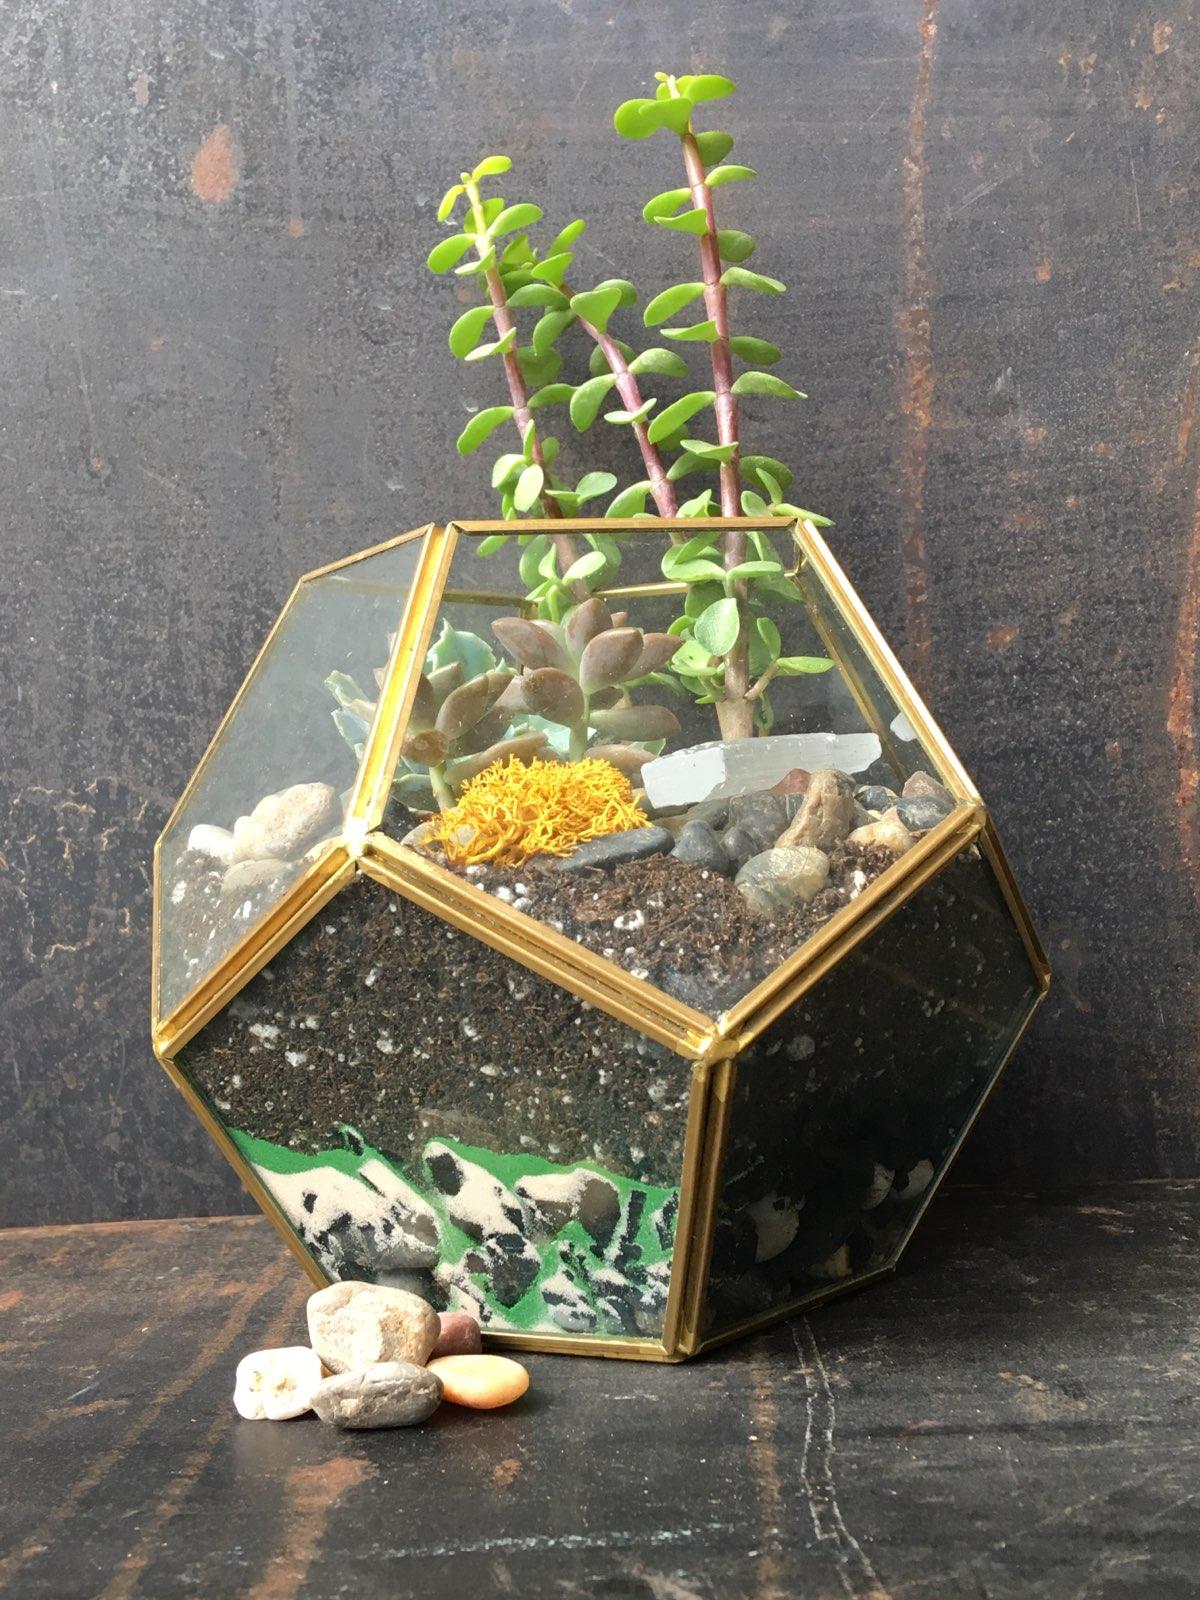 terrarium-class-Logan-Square-Fleur-Inc-Fleur-Workshops